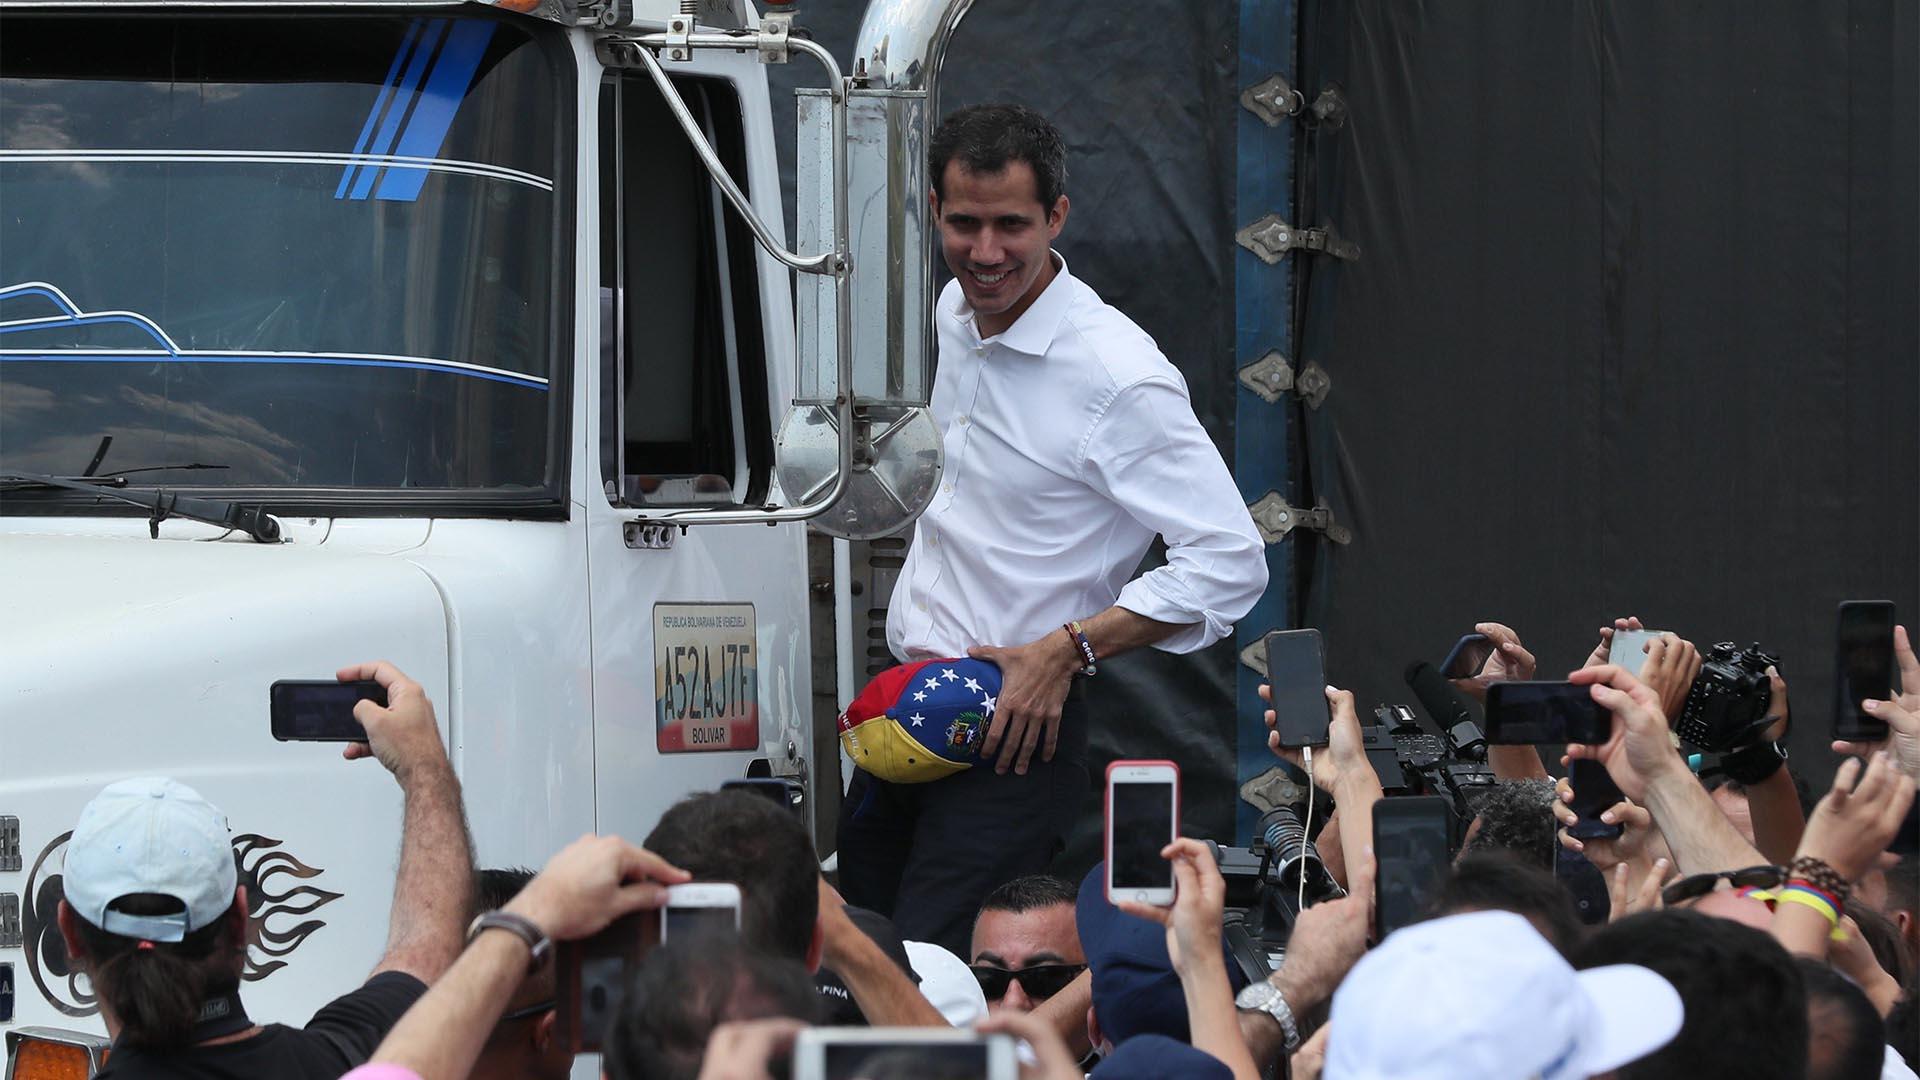 El presidente Juan Guaidó, que se proclamó mandatario encargado de su país, saluda este sábado desde un camión, en Cúcuta, Colombia (EFE)